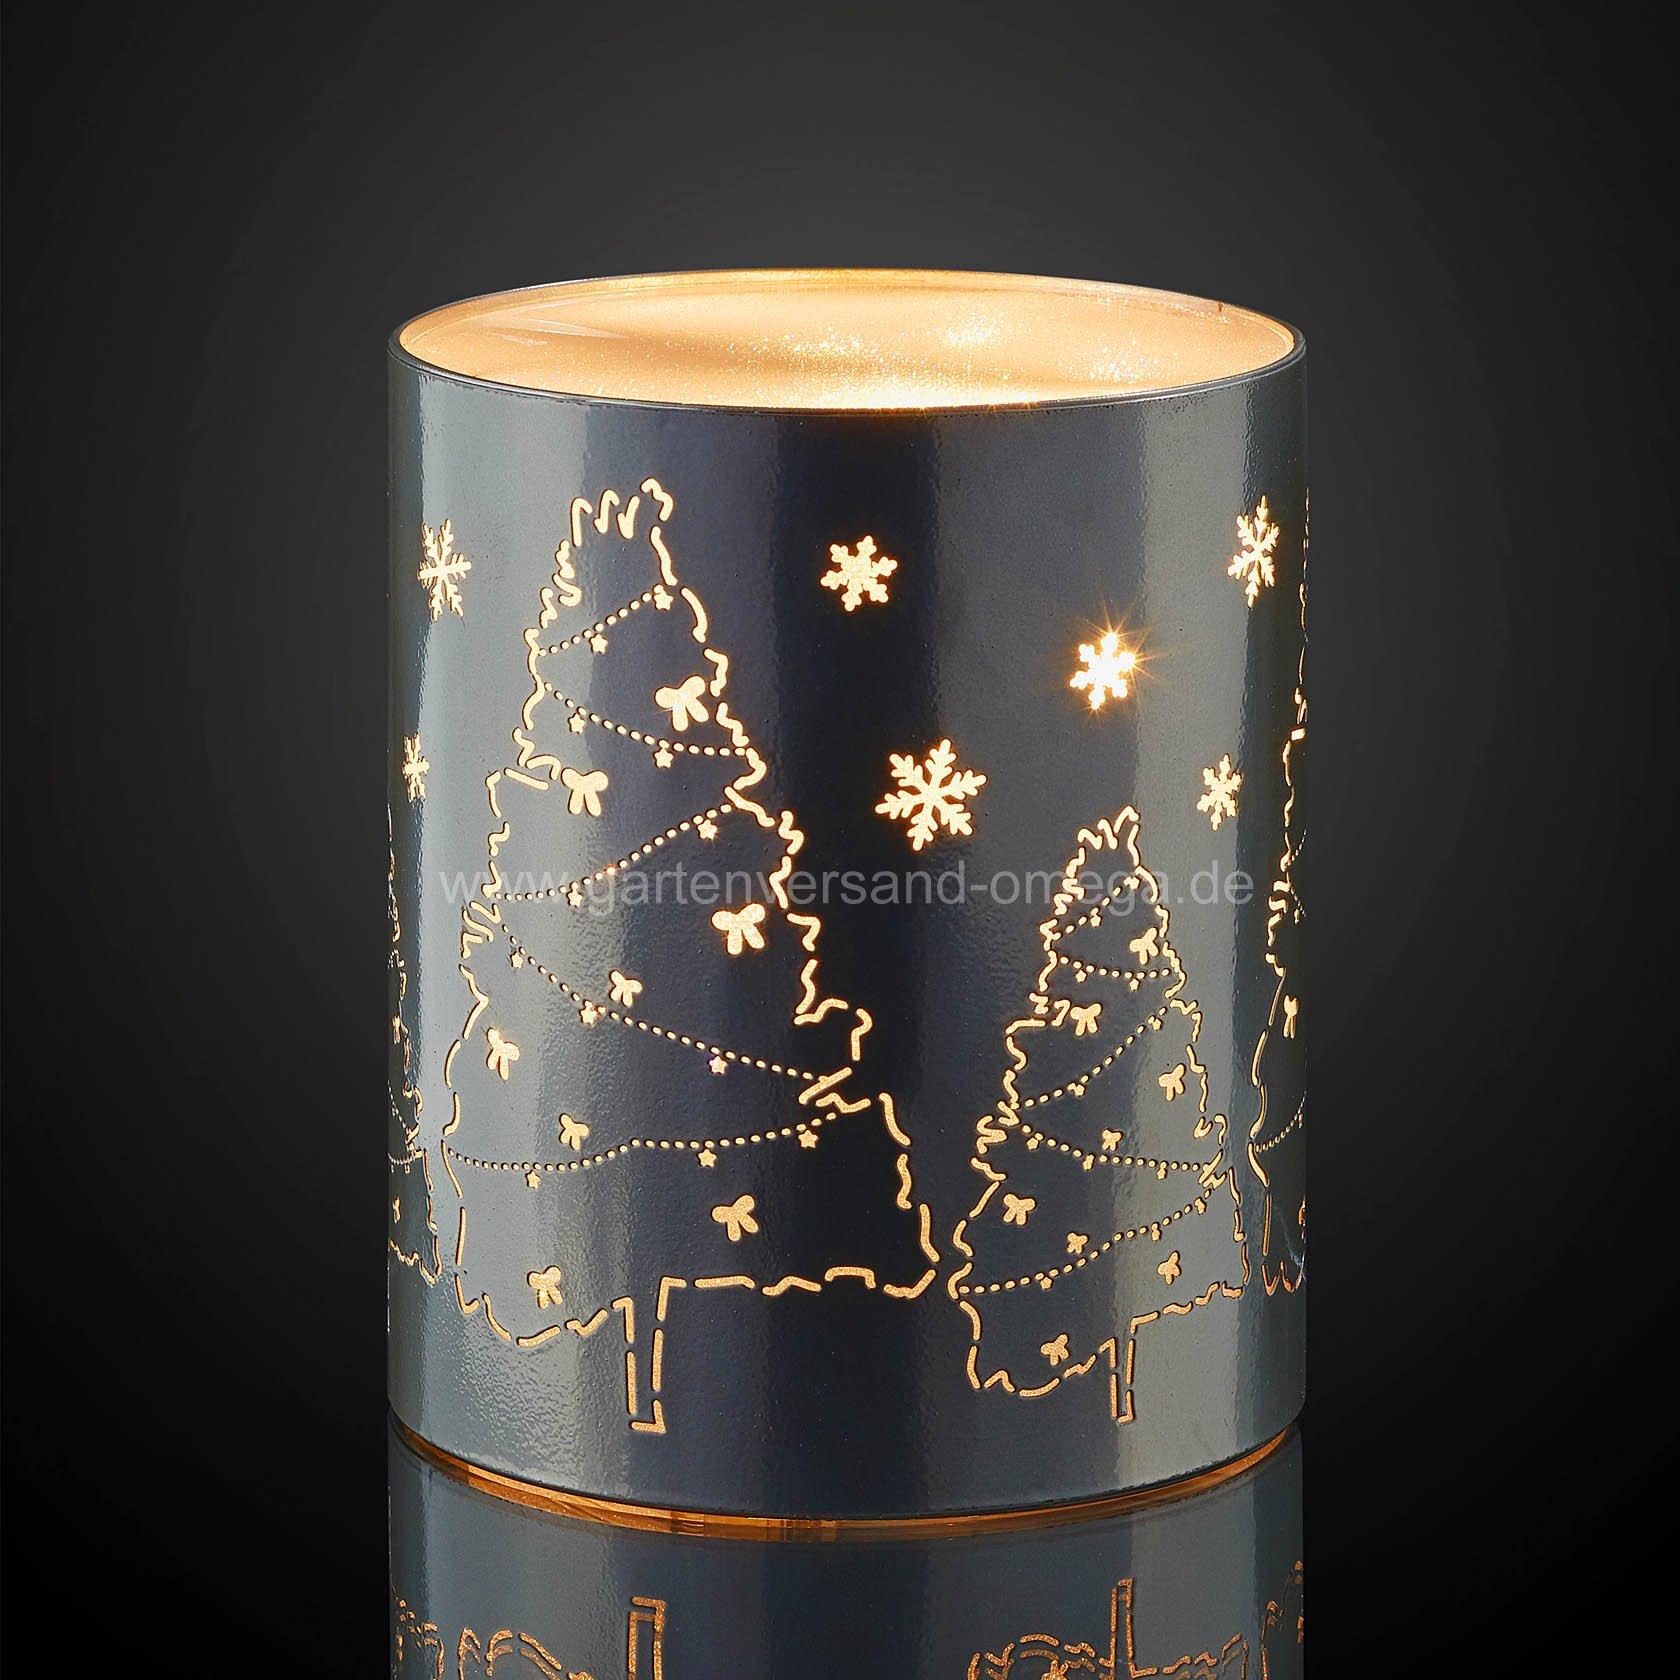 led metall dekos ule weihnachtsb ume und schneeflocken. Black Bedroom Furniture Sets. Home Design Ideas